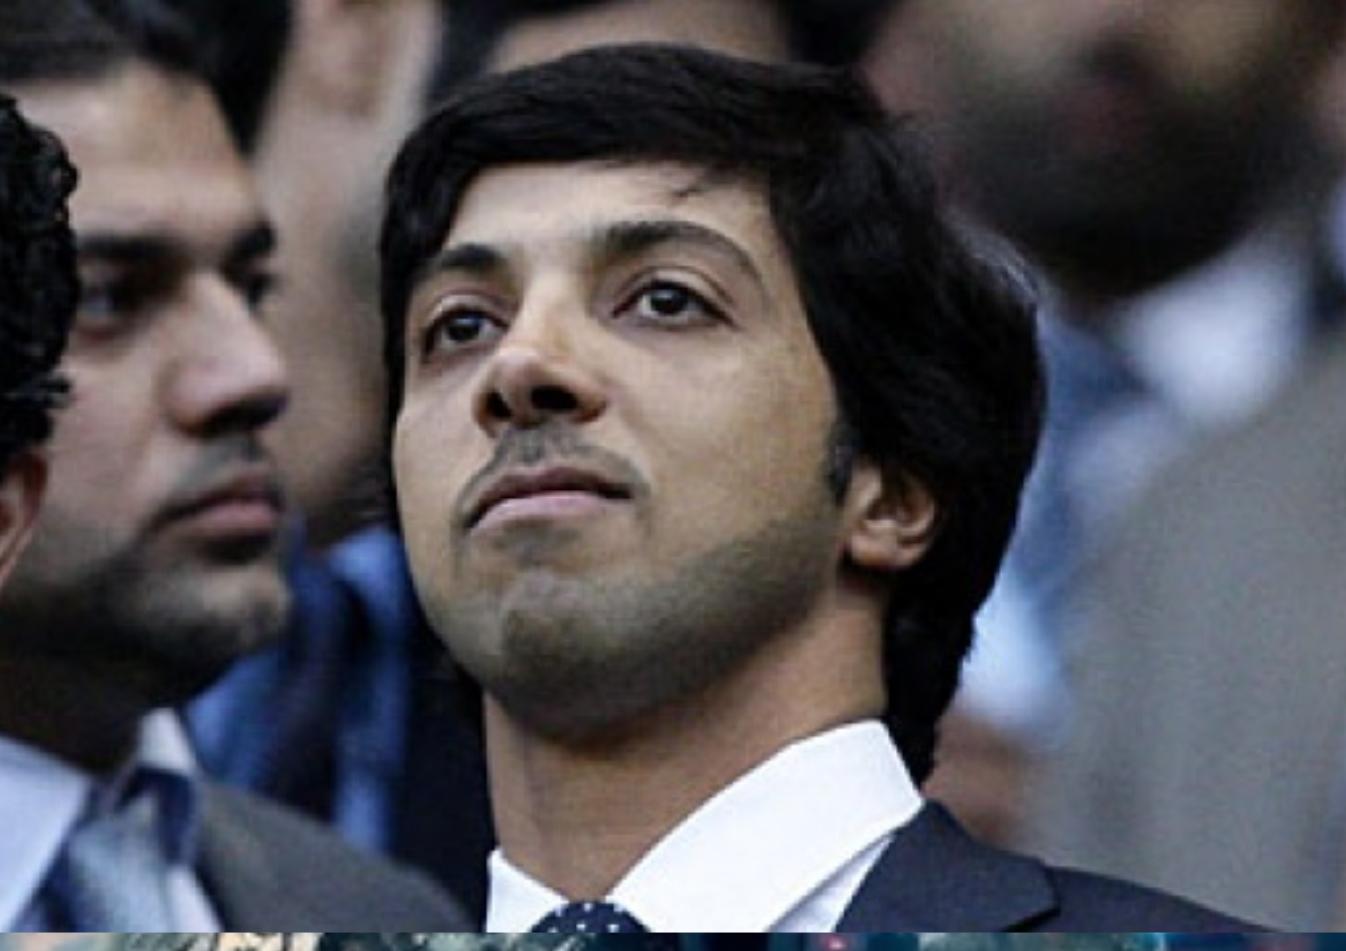 Mansour Bin Zayed Bin Sultan Bin Zayed Bin Khalifa Al Nahyan - Mitrapost.com